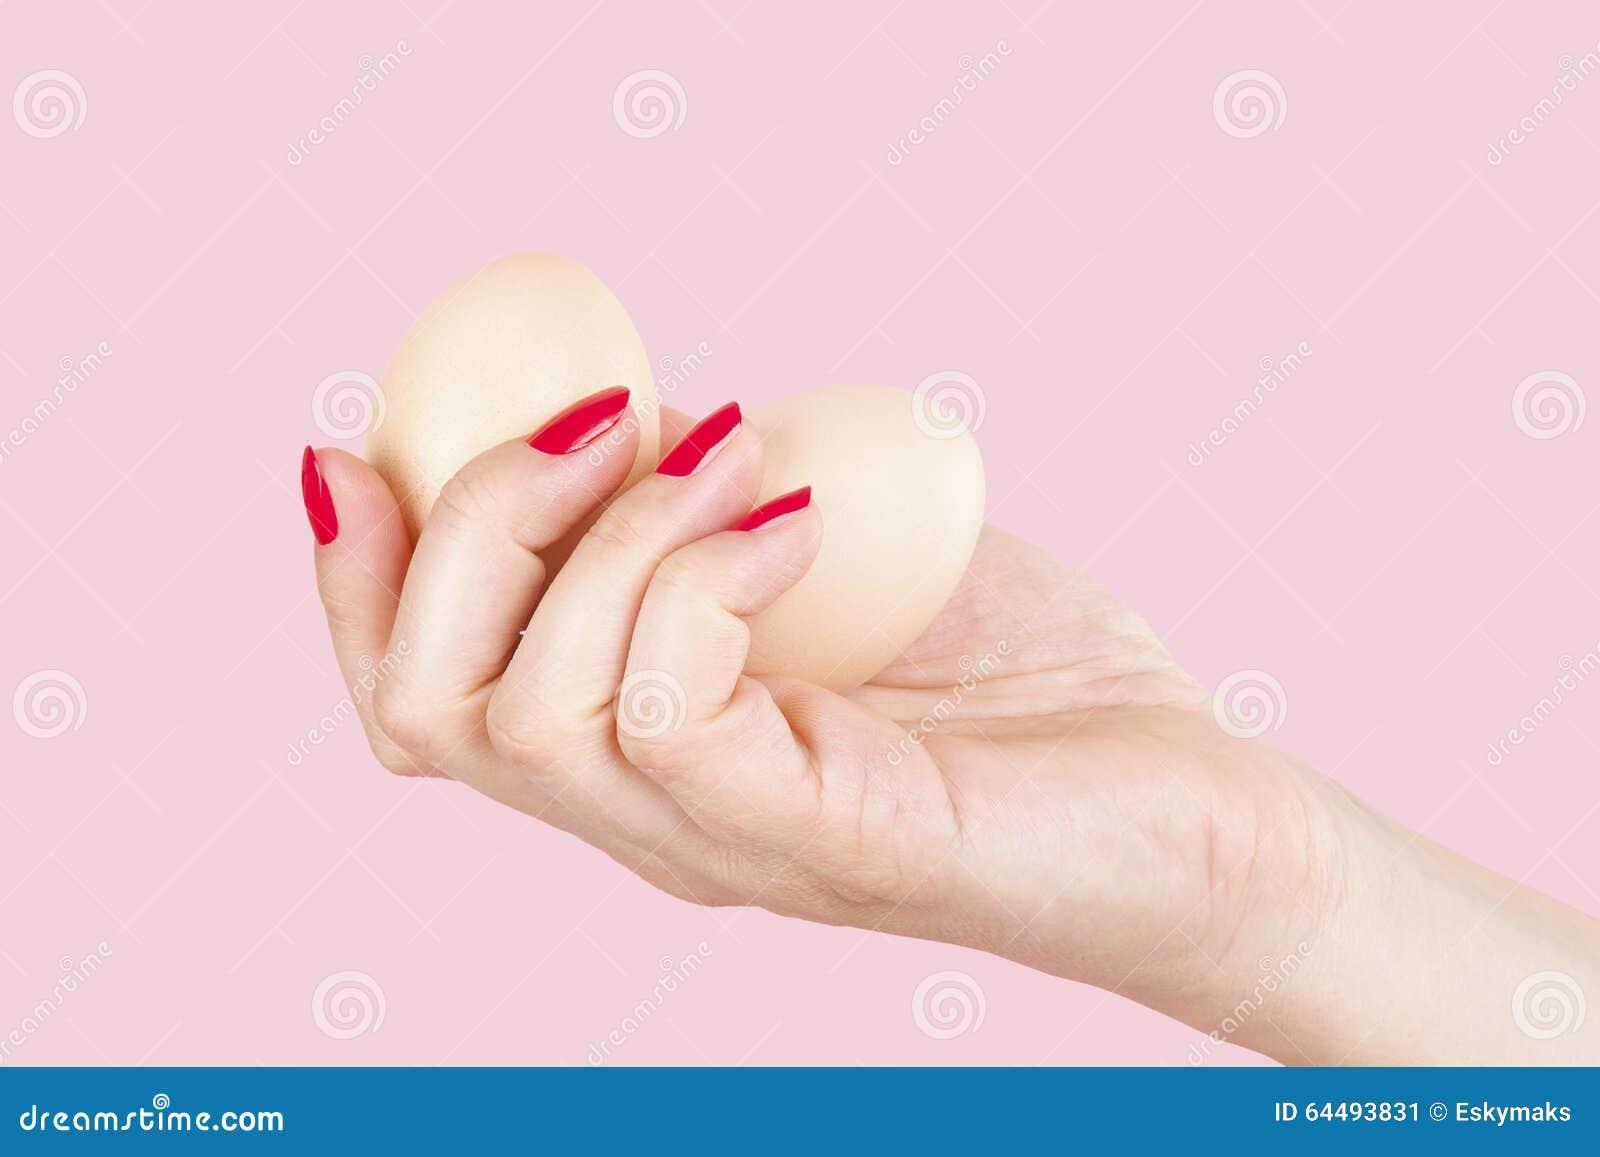 Θηλυκό χέρι με τα κόκκινα νύχια που κρατούν δύο αυγά